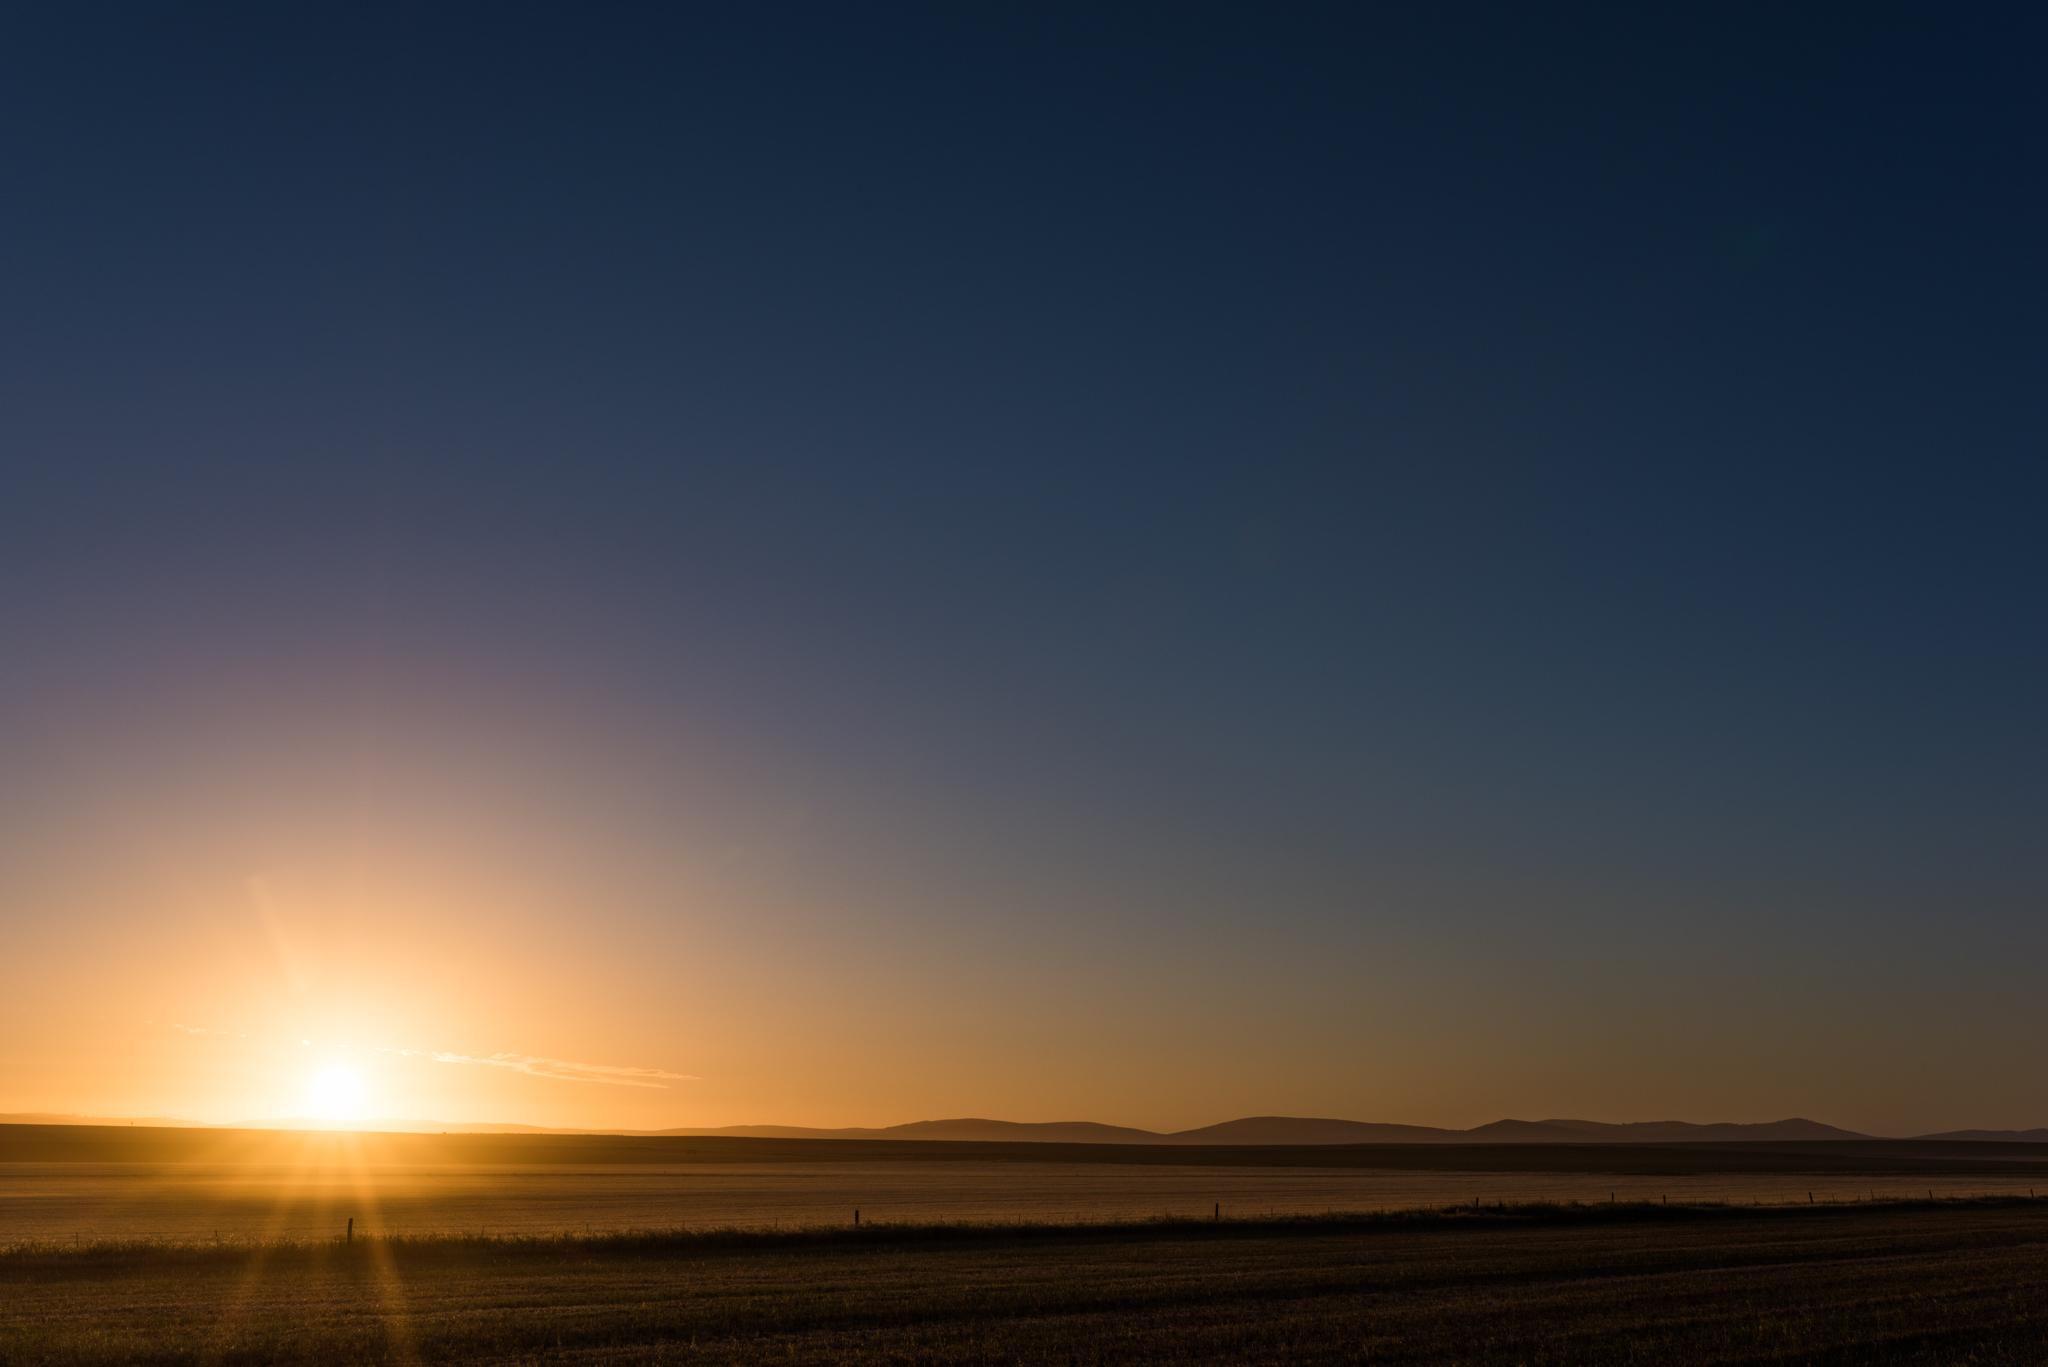 Landscape - Daniel Purvis -_DSC9256.jpg